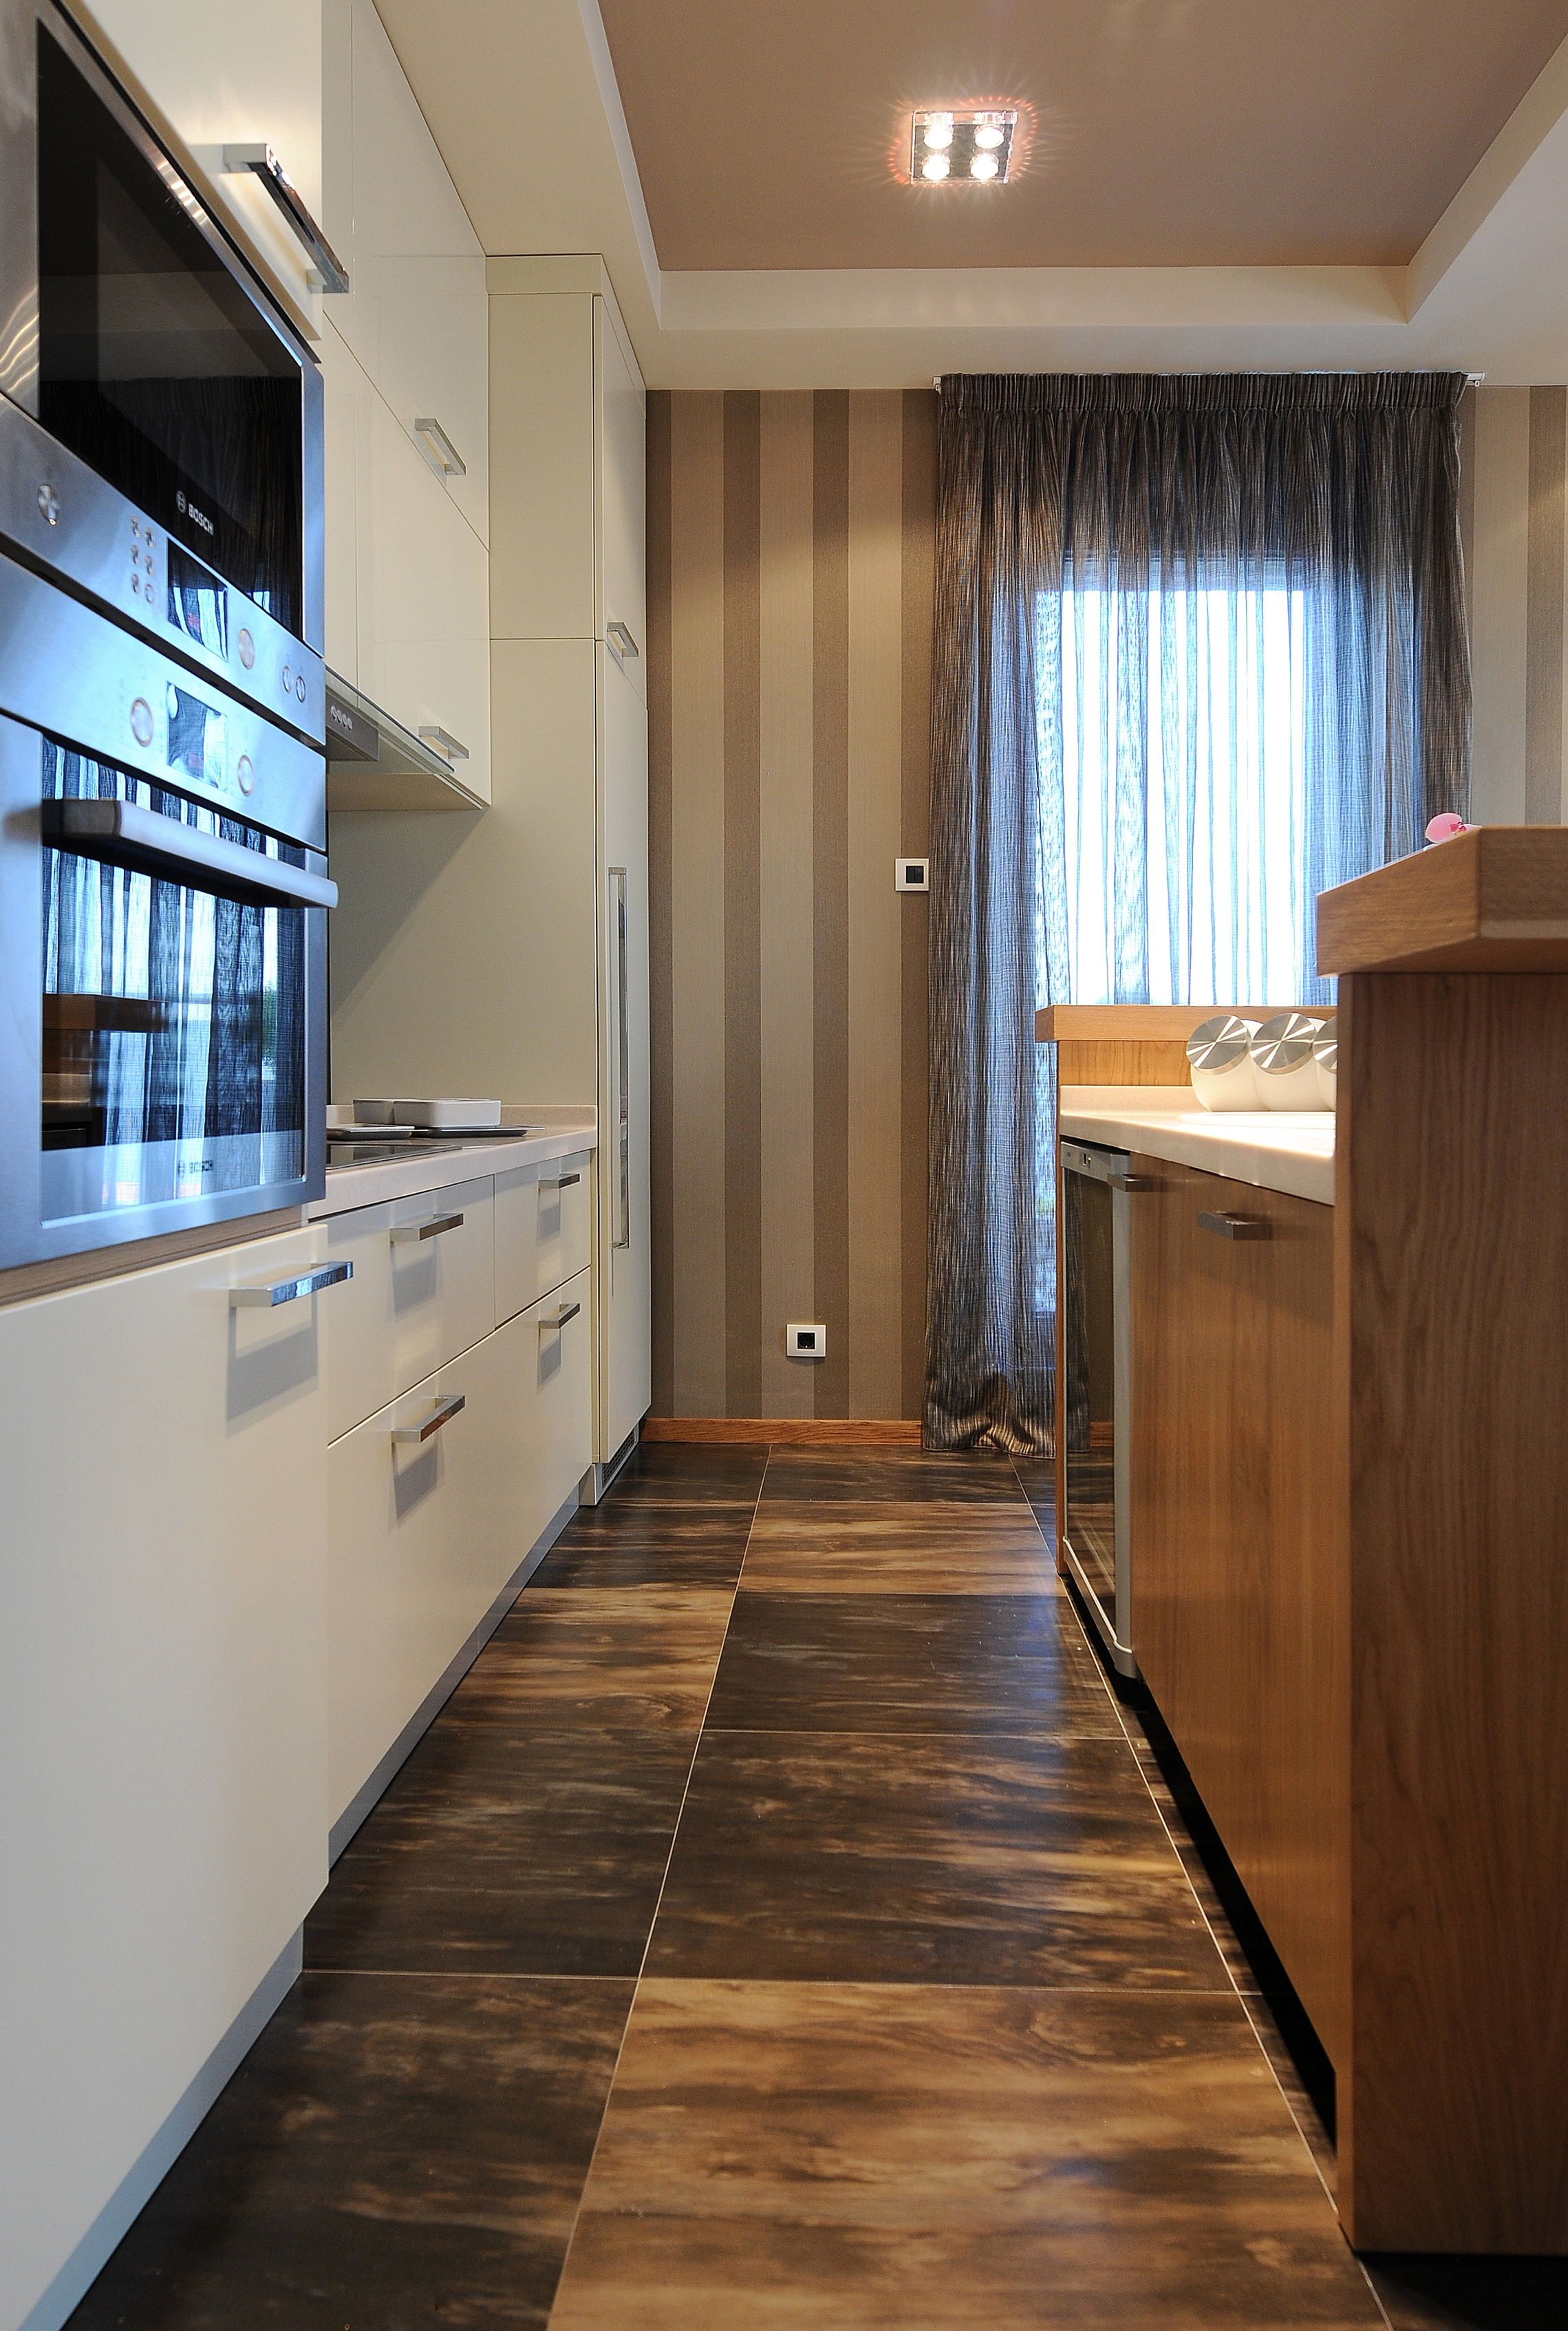 Nowoczesna Biala Otwarta Kuchnia Kolor Szafek Pieknie Komponuje Sie Z Ciemna Elegancka Podloga Obecna Brazowa Wyspa Ku Brown Kitchens Open Kitchen Kitchen